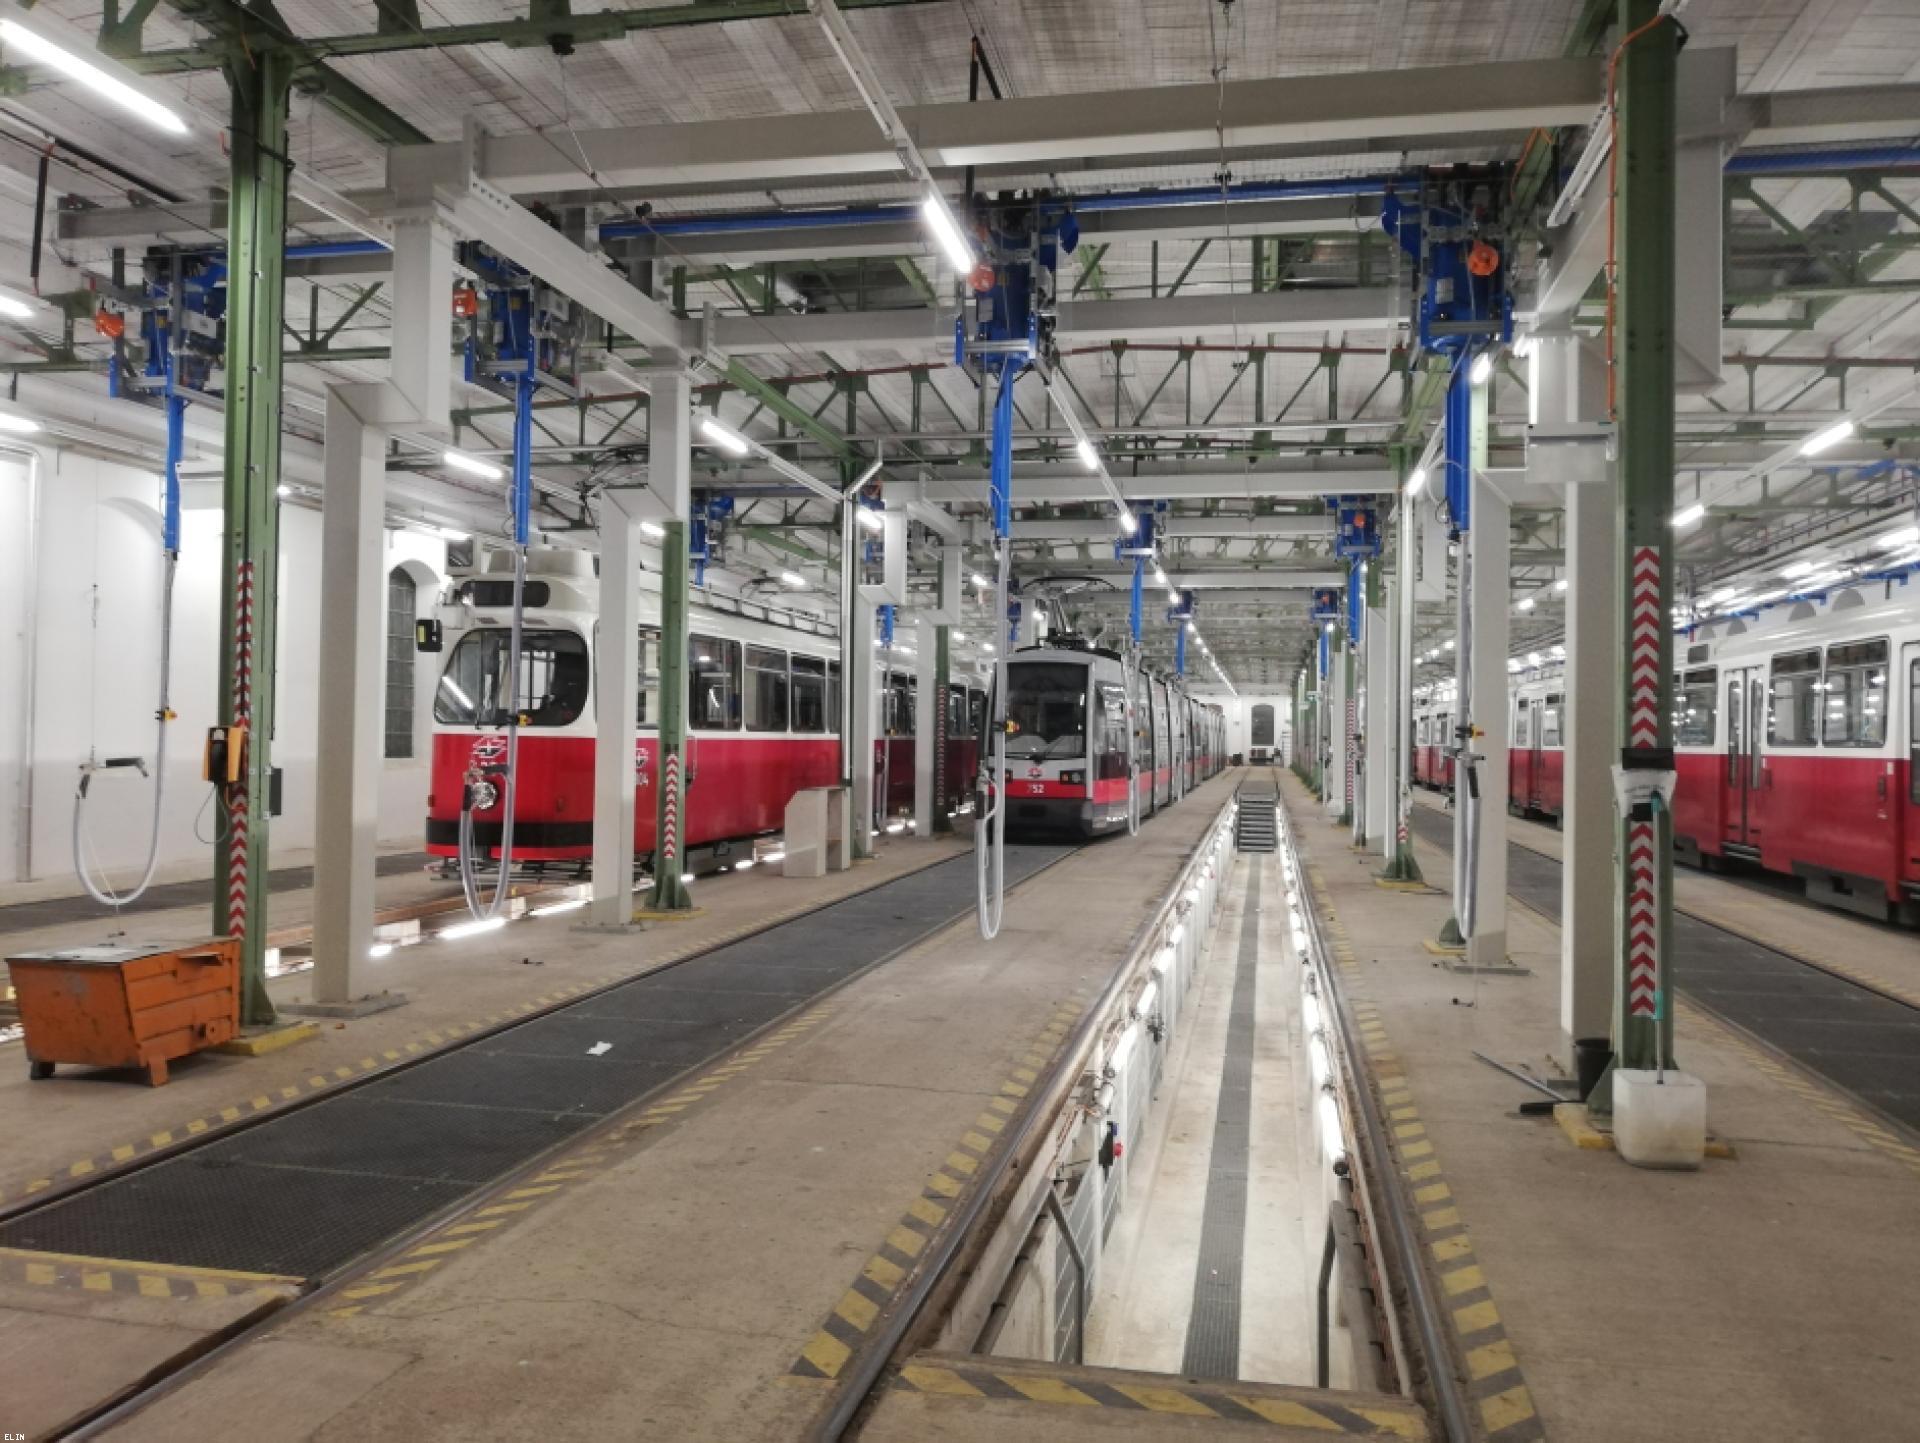 Mood-Image ELIN Referenz: Umbau des Bahnhofes Simmering im Zuge des Projektes Remise 2.0